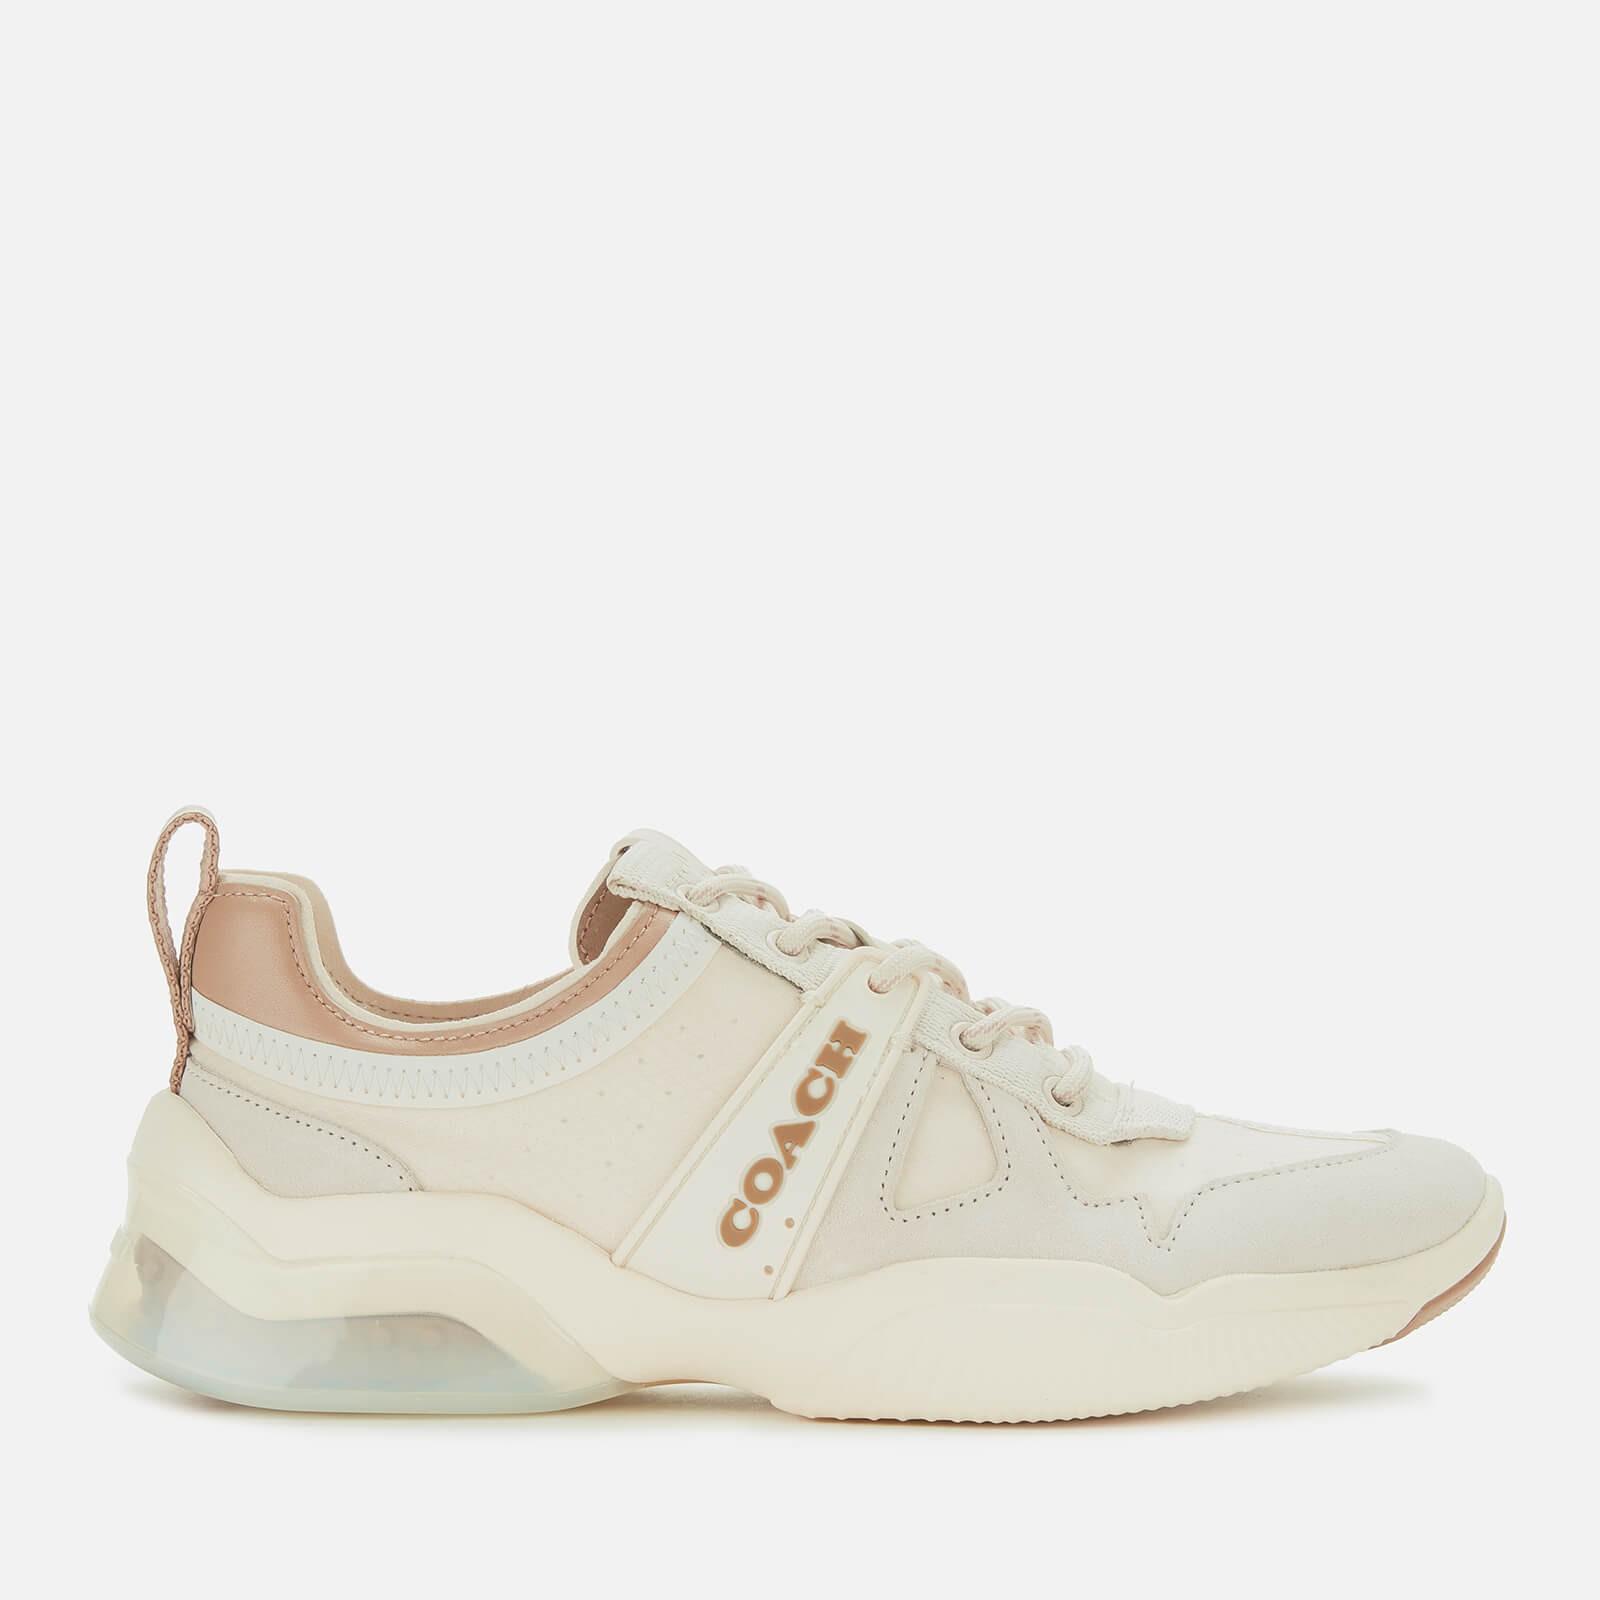 ADB 运动鞋